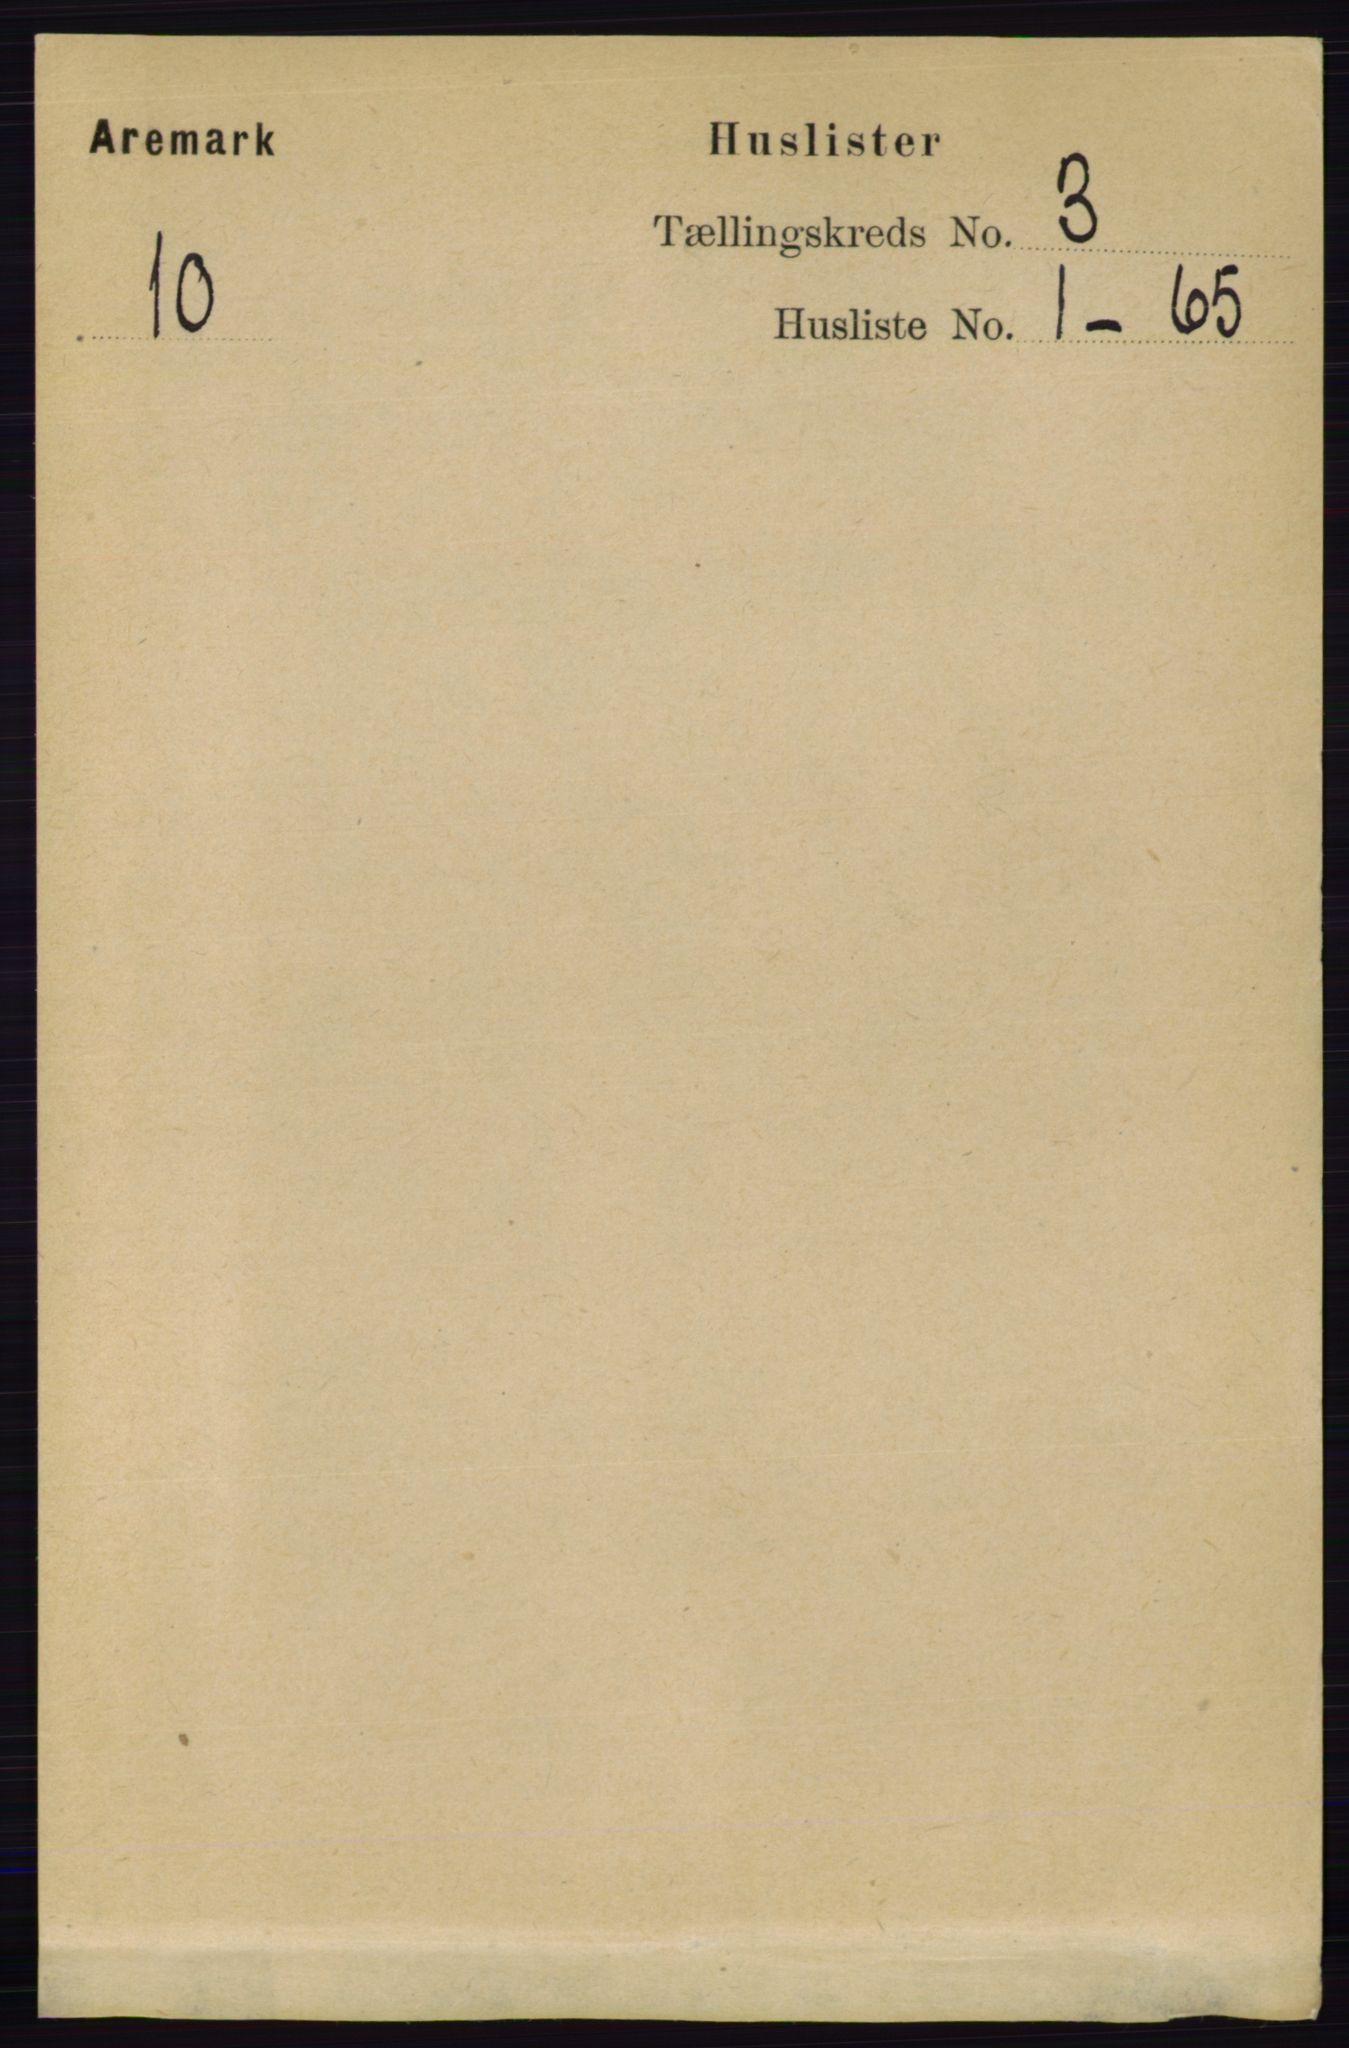 RA, Folketelling 1891 for 0118 Aremark herred, 1891, s. 1339